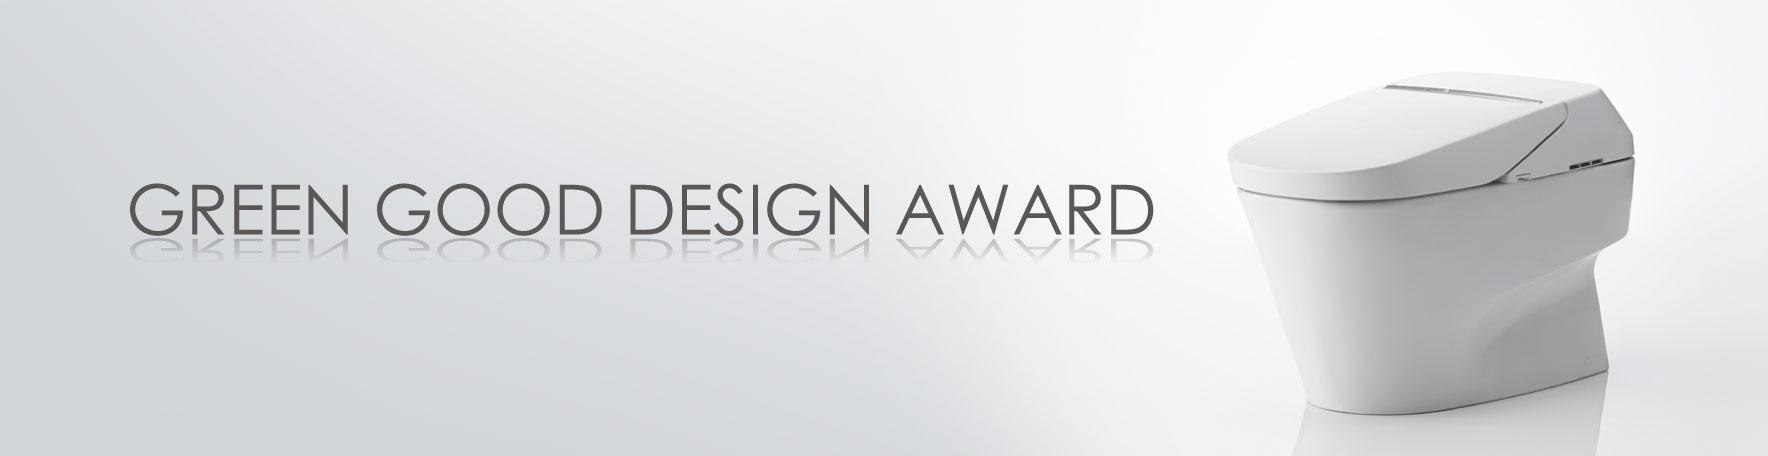 green good design awards toto. Black Bedroom Furniture Sets. Home Design Ideas